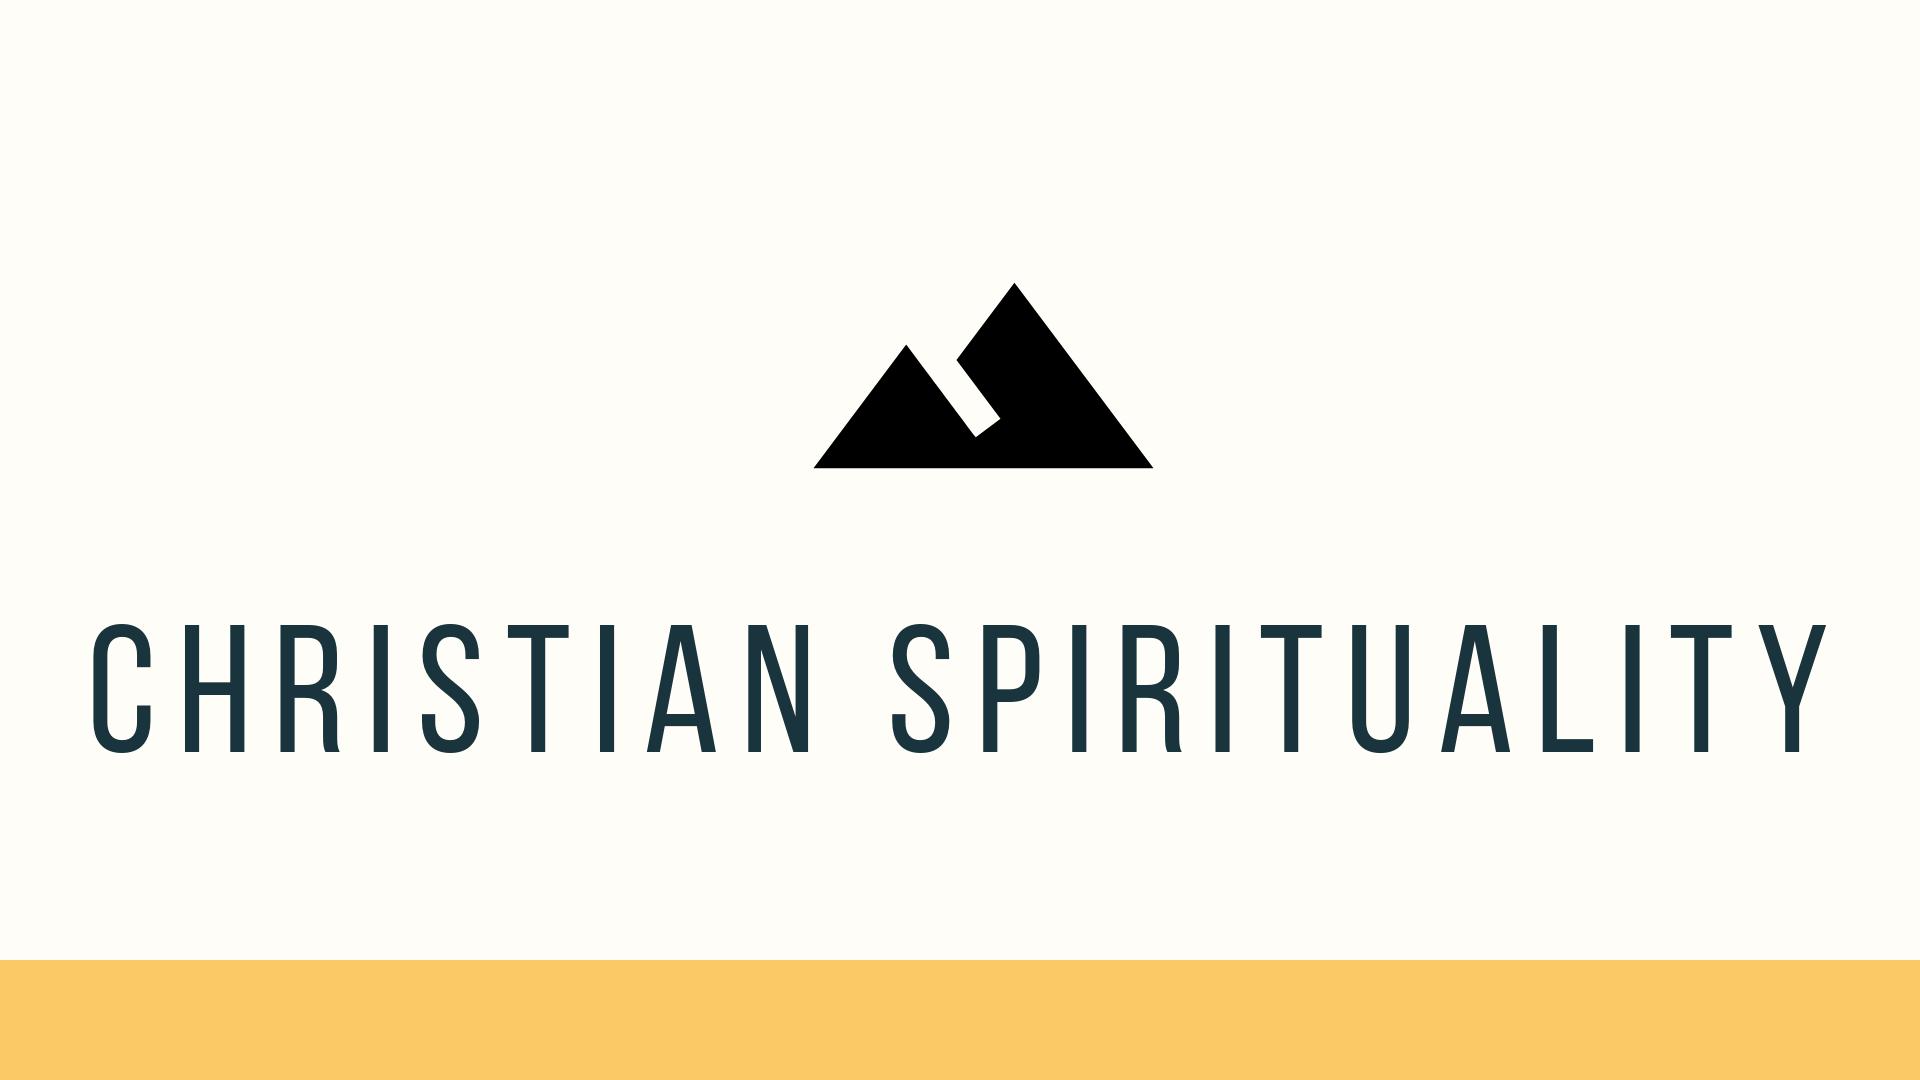 ChristianSpirituality.png